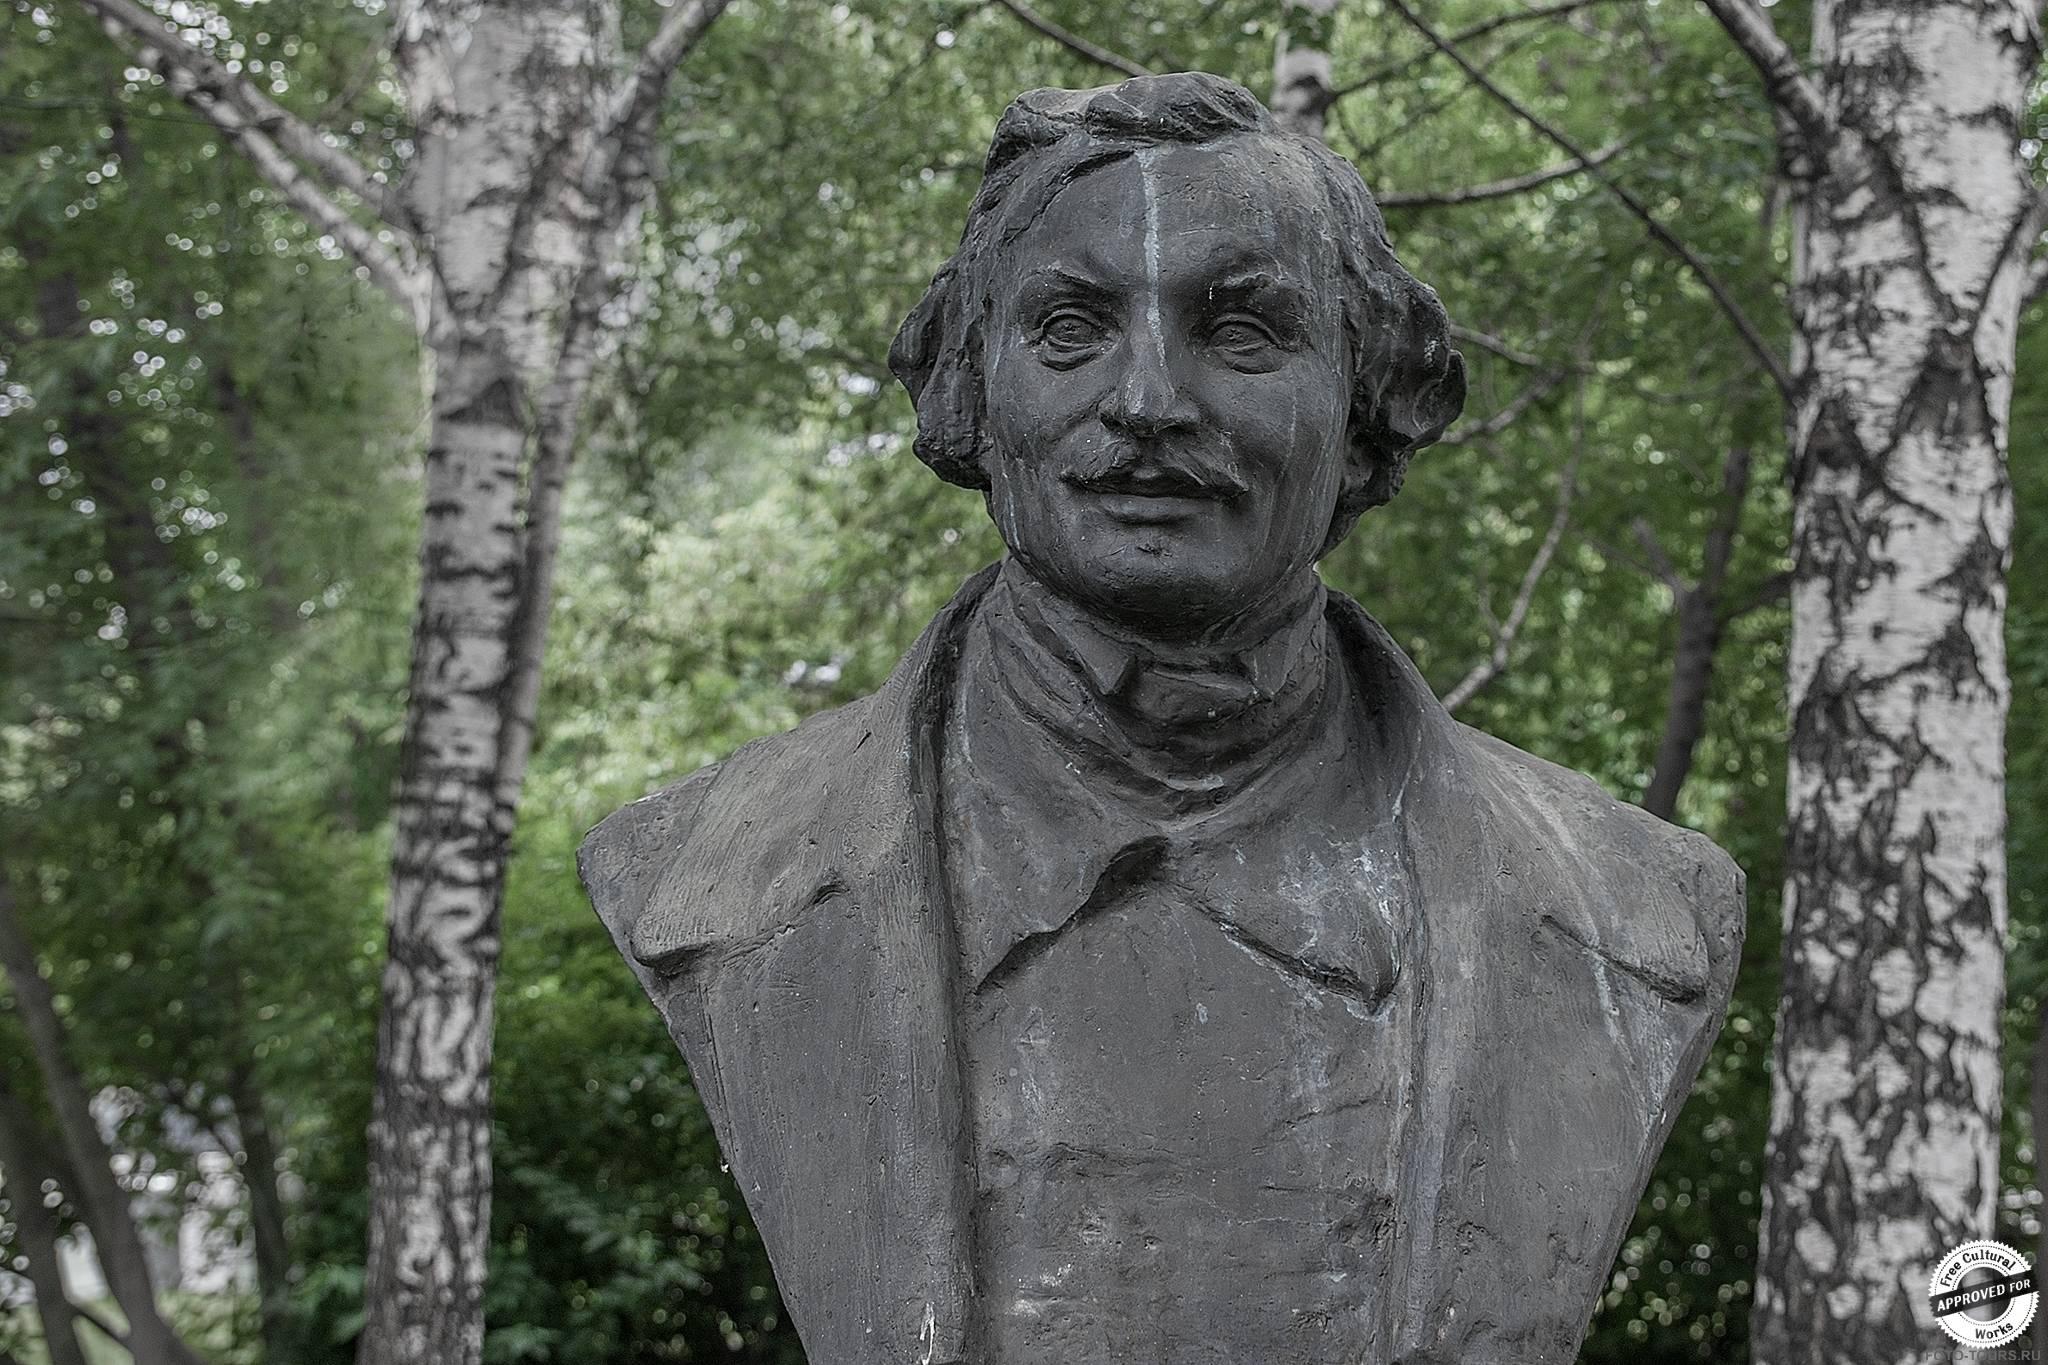 Портрет Гоголя, Виленский З.М. 1937-1950, бронза, Музеон, Парки москвы.